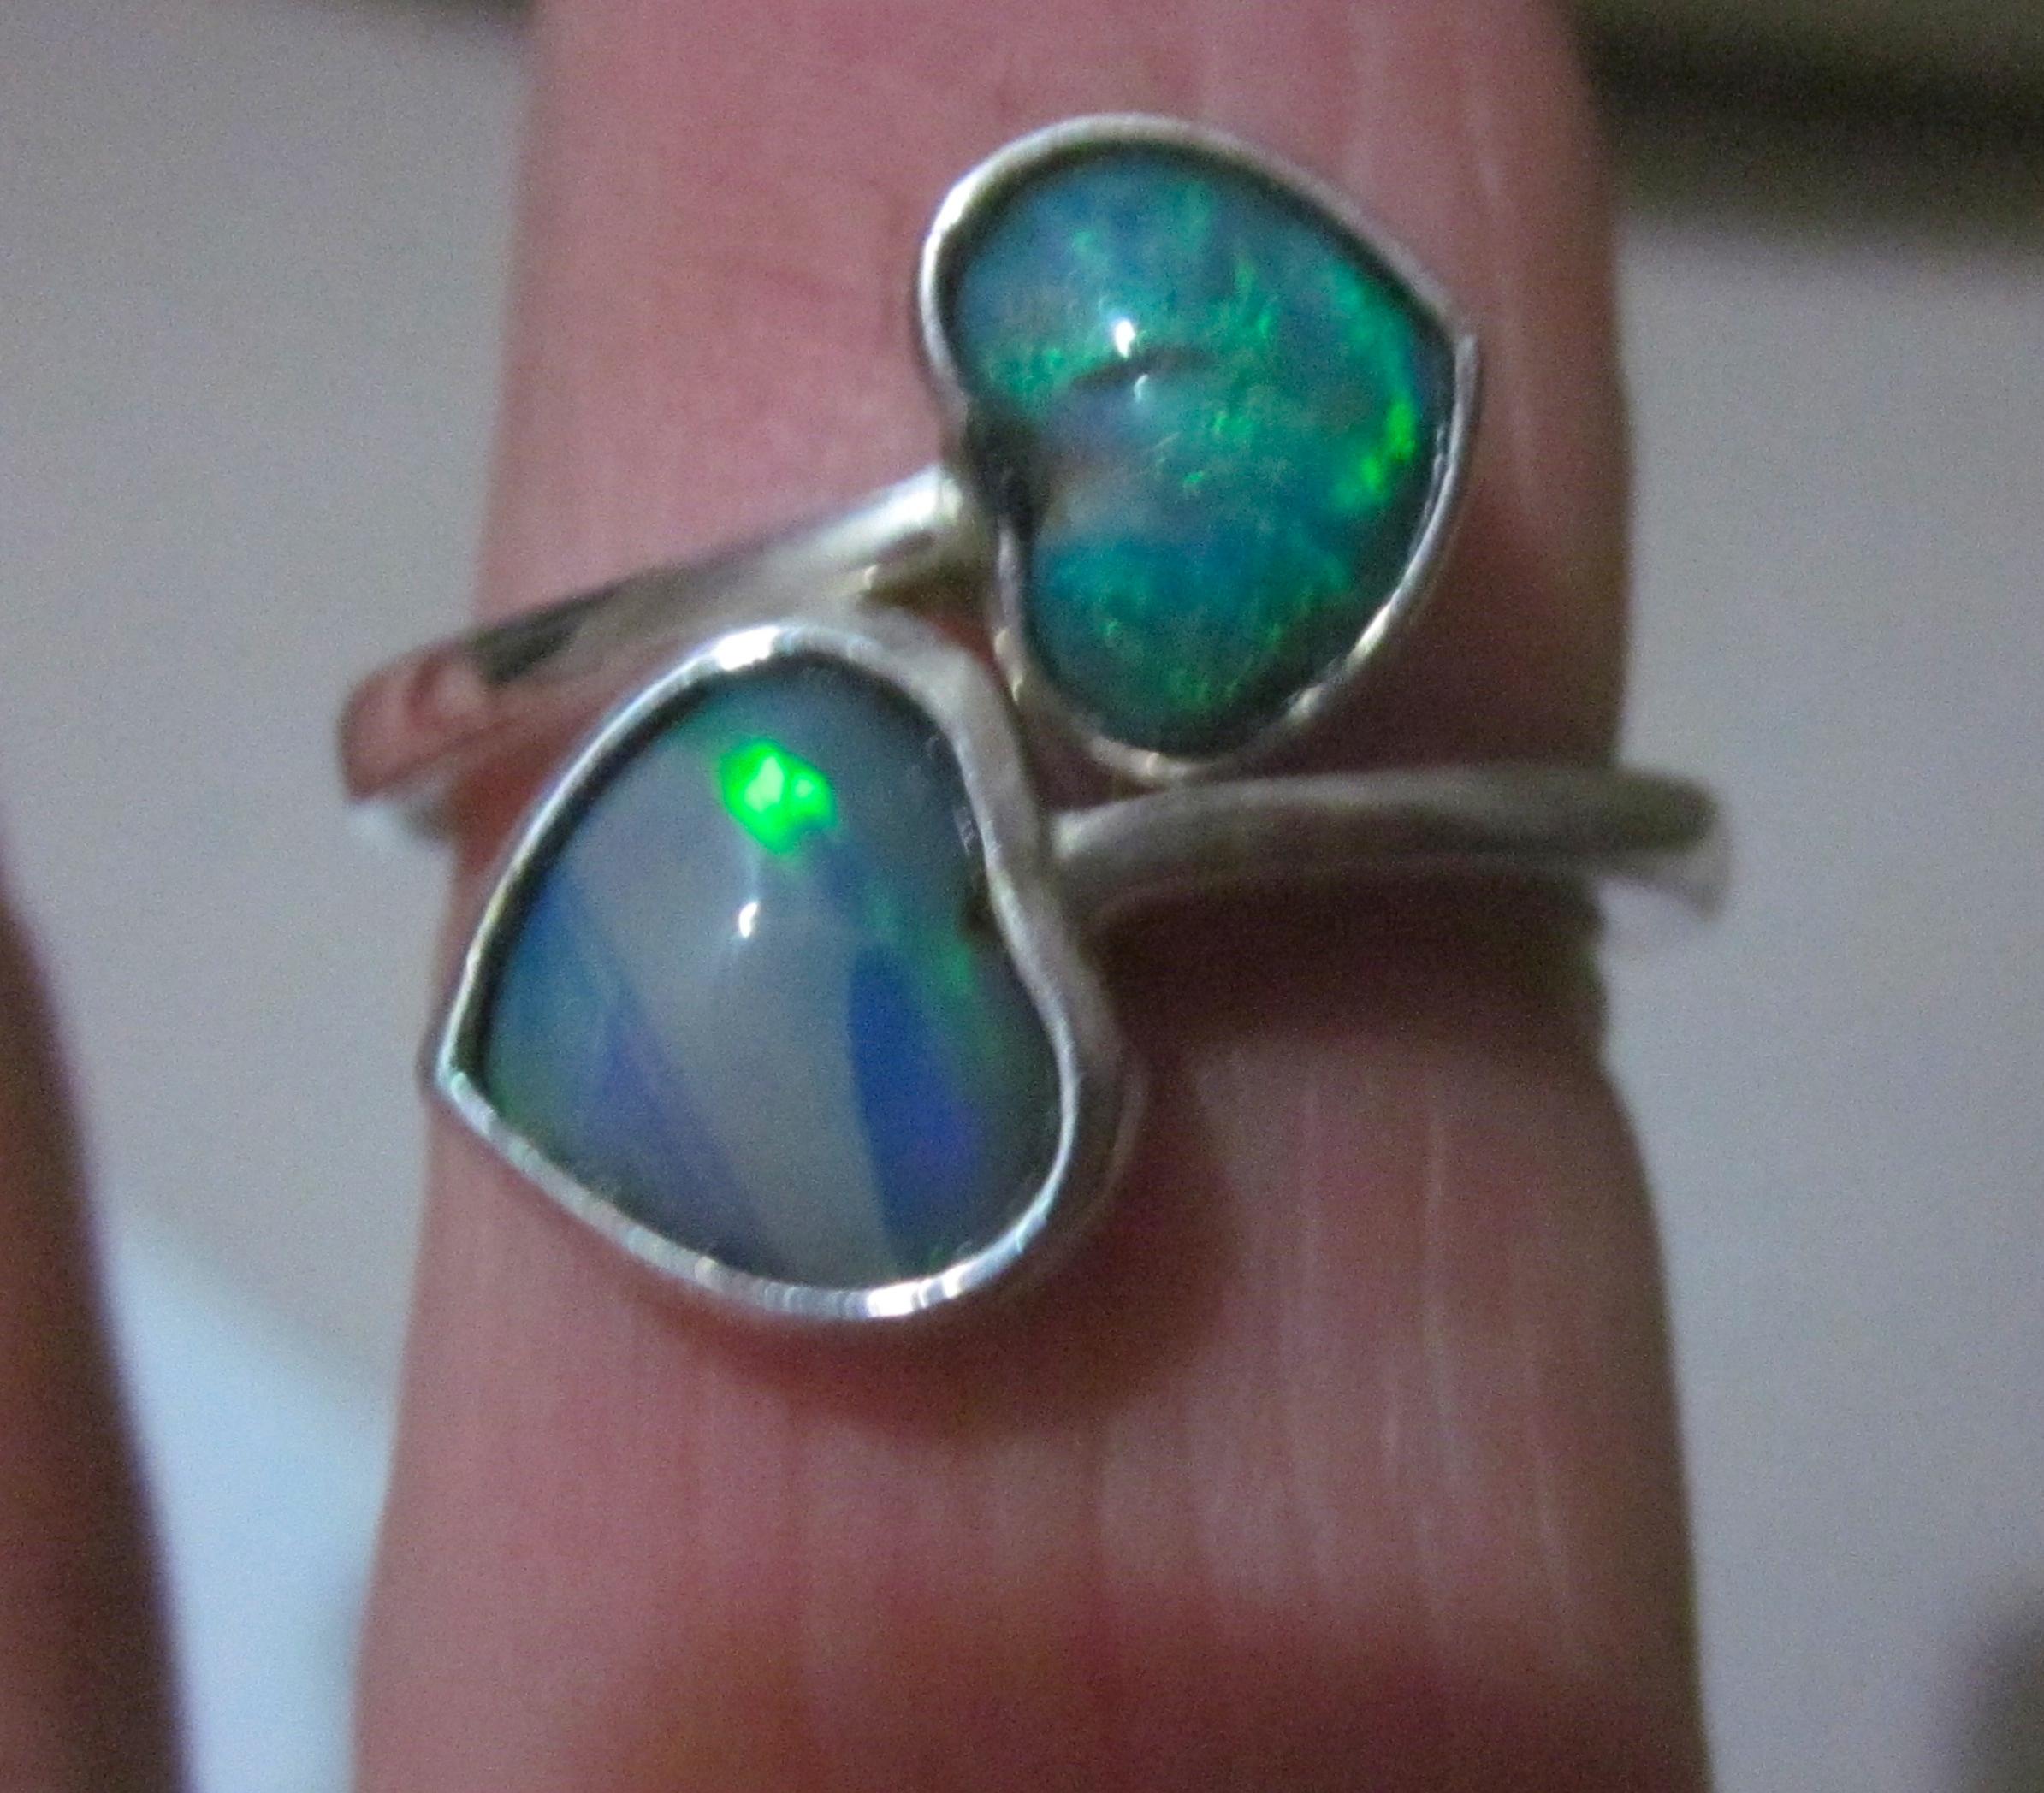 opal rings,australian opal rings,black opal rings,handmade jewelry,black opal jewelry,australian opal jewelry